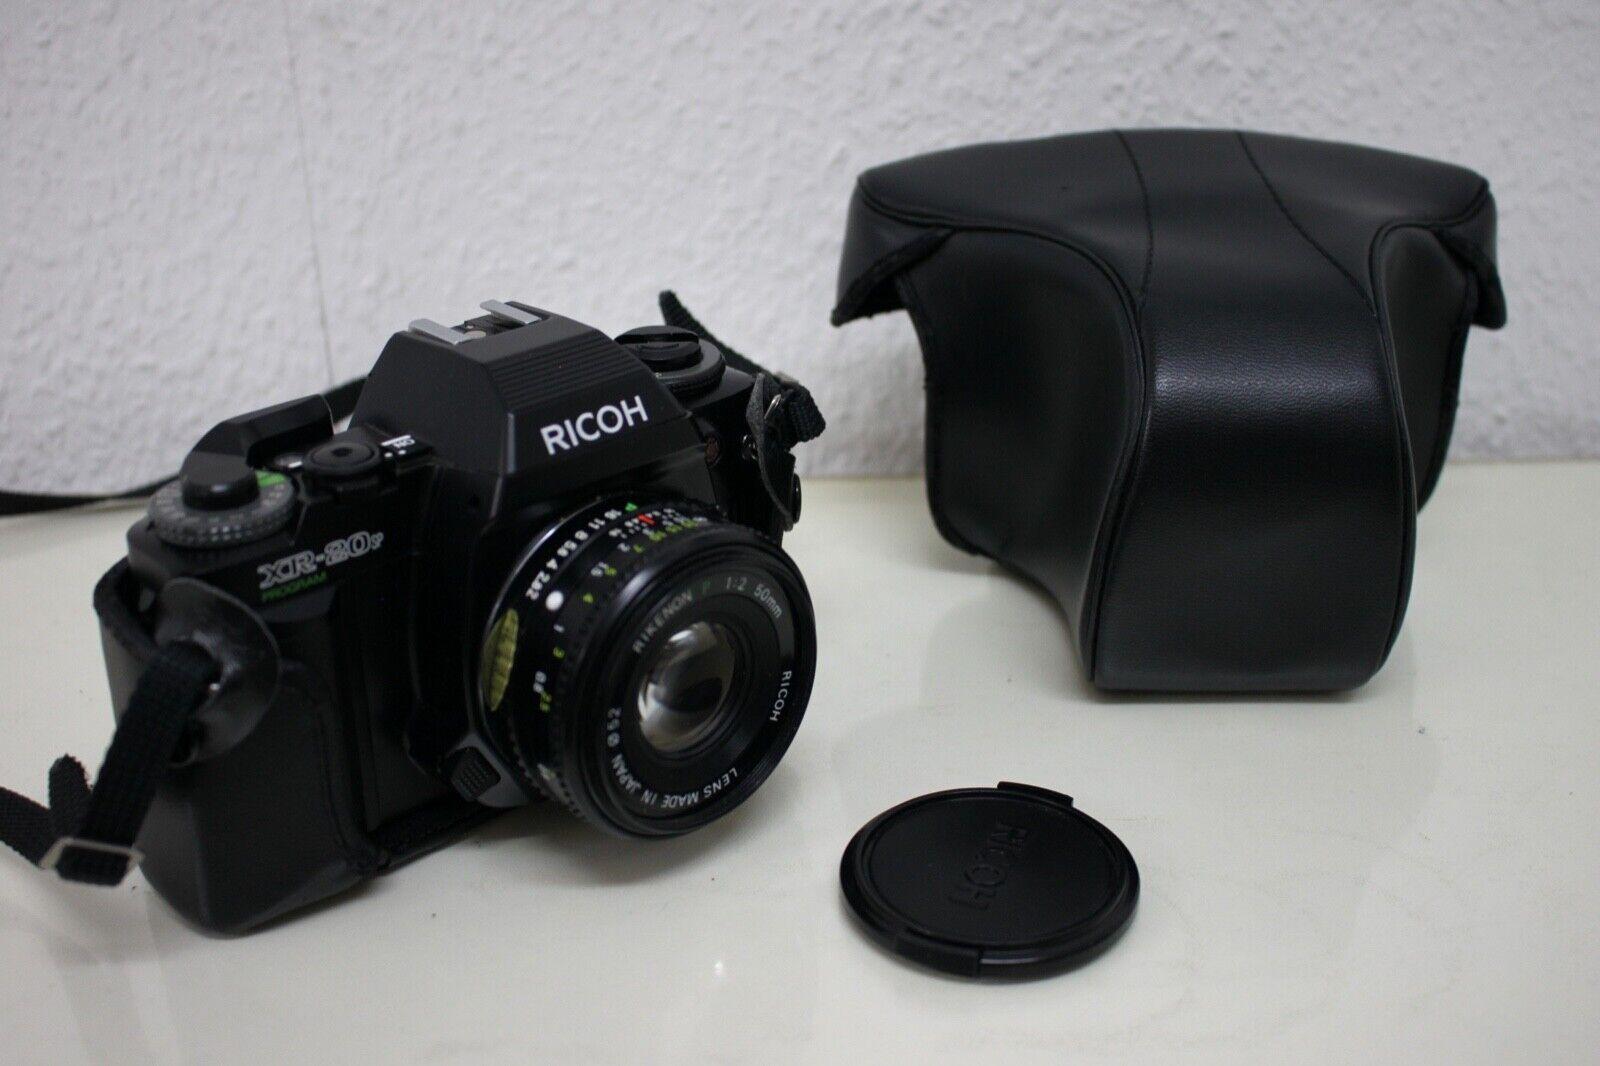 Ricoh XR-20SP Program Spiegelreflexkamera mit Rikenon 1:2 50mm Objektiv & Tasche